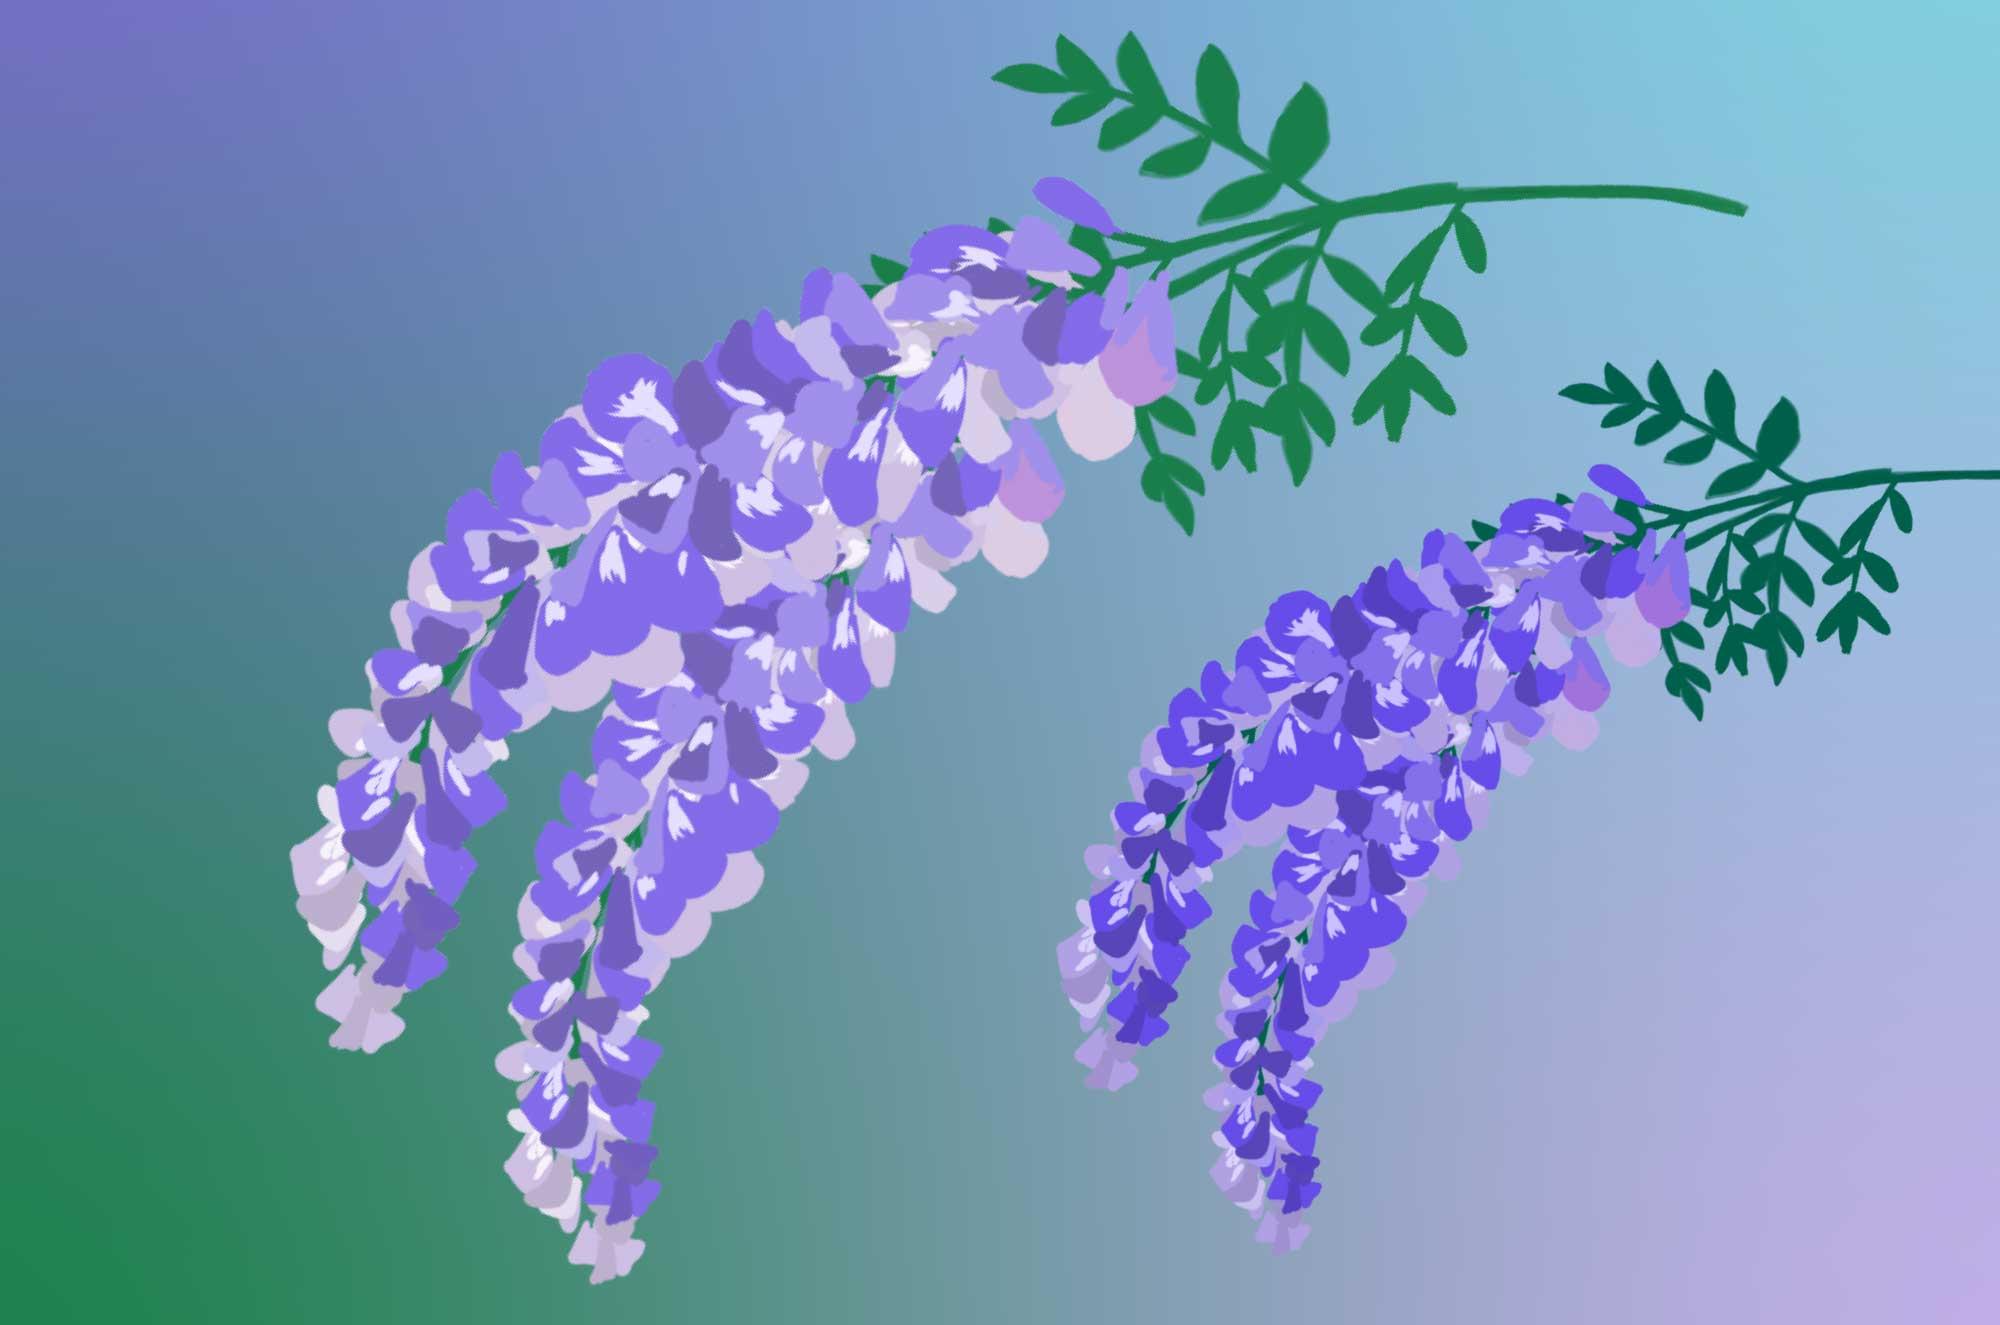 藤の花のイラスト - 無料で使える綺麗な花の素材